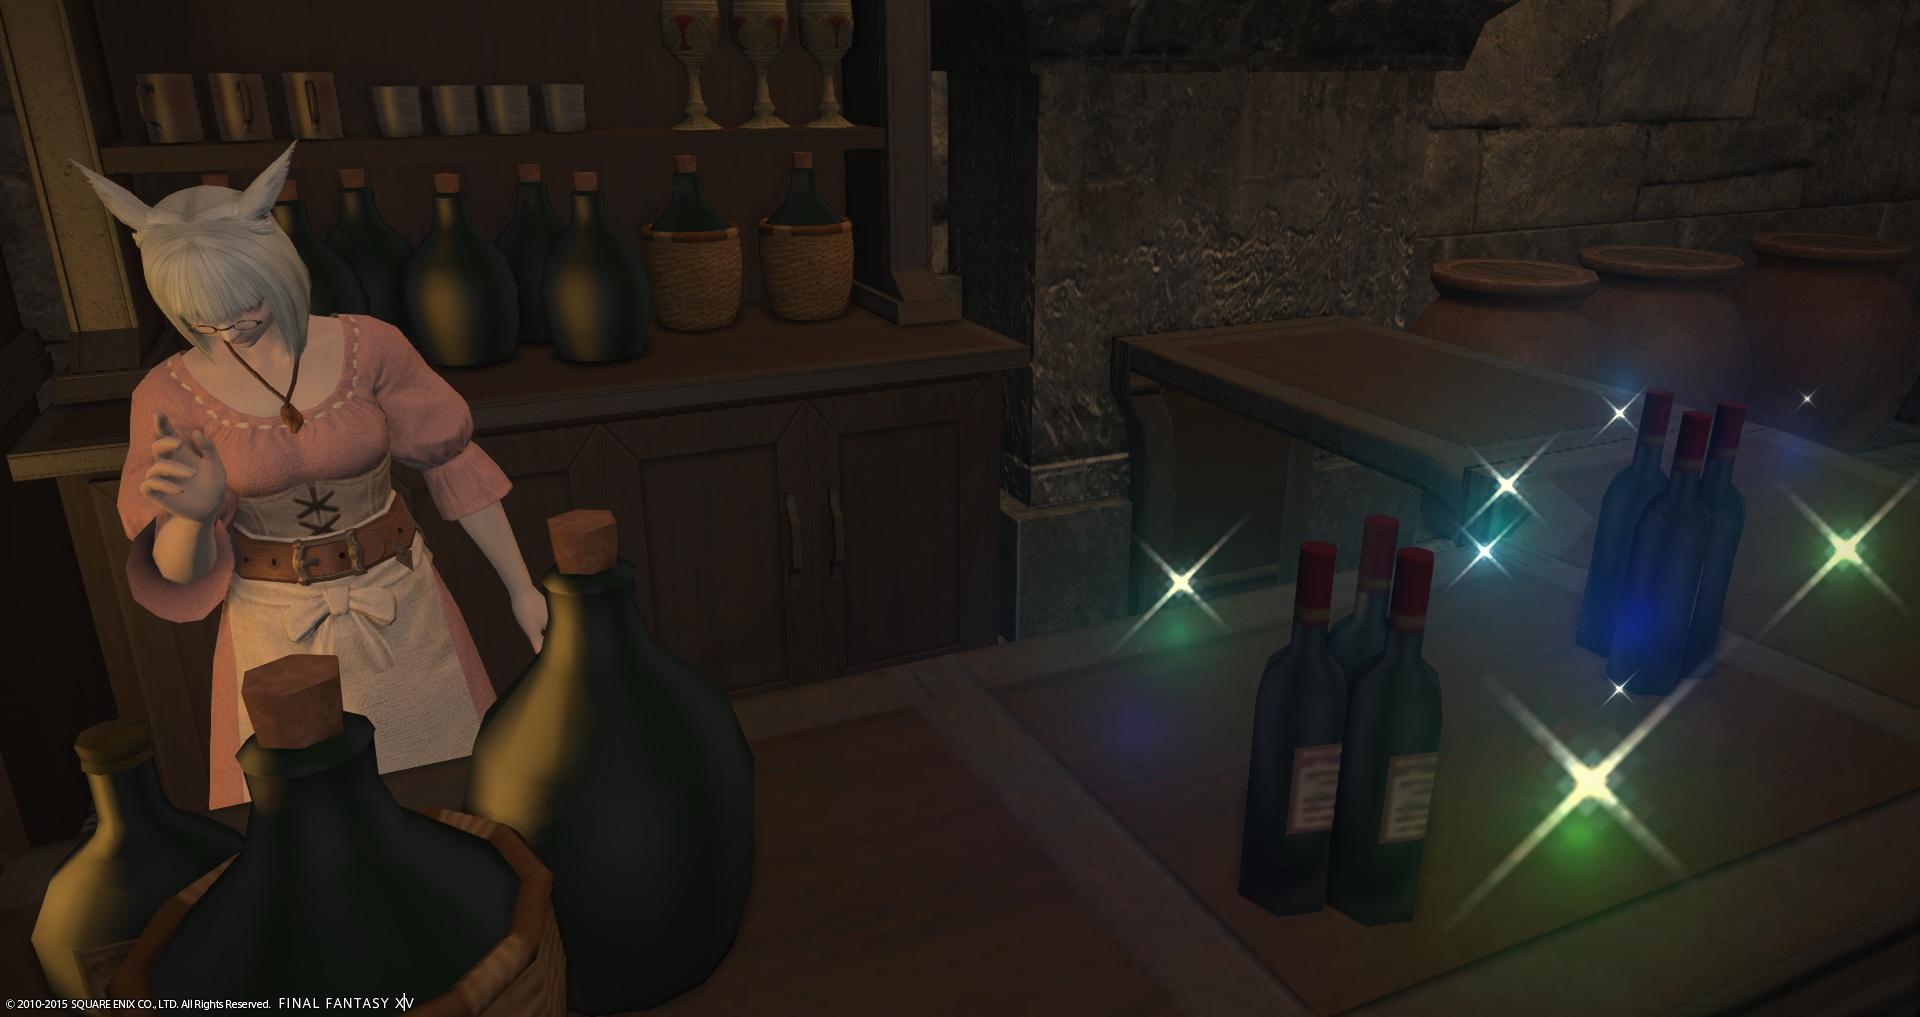 ローマニのワイン